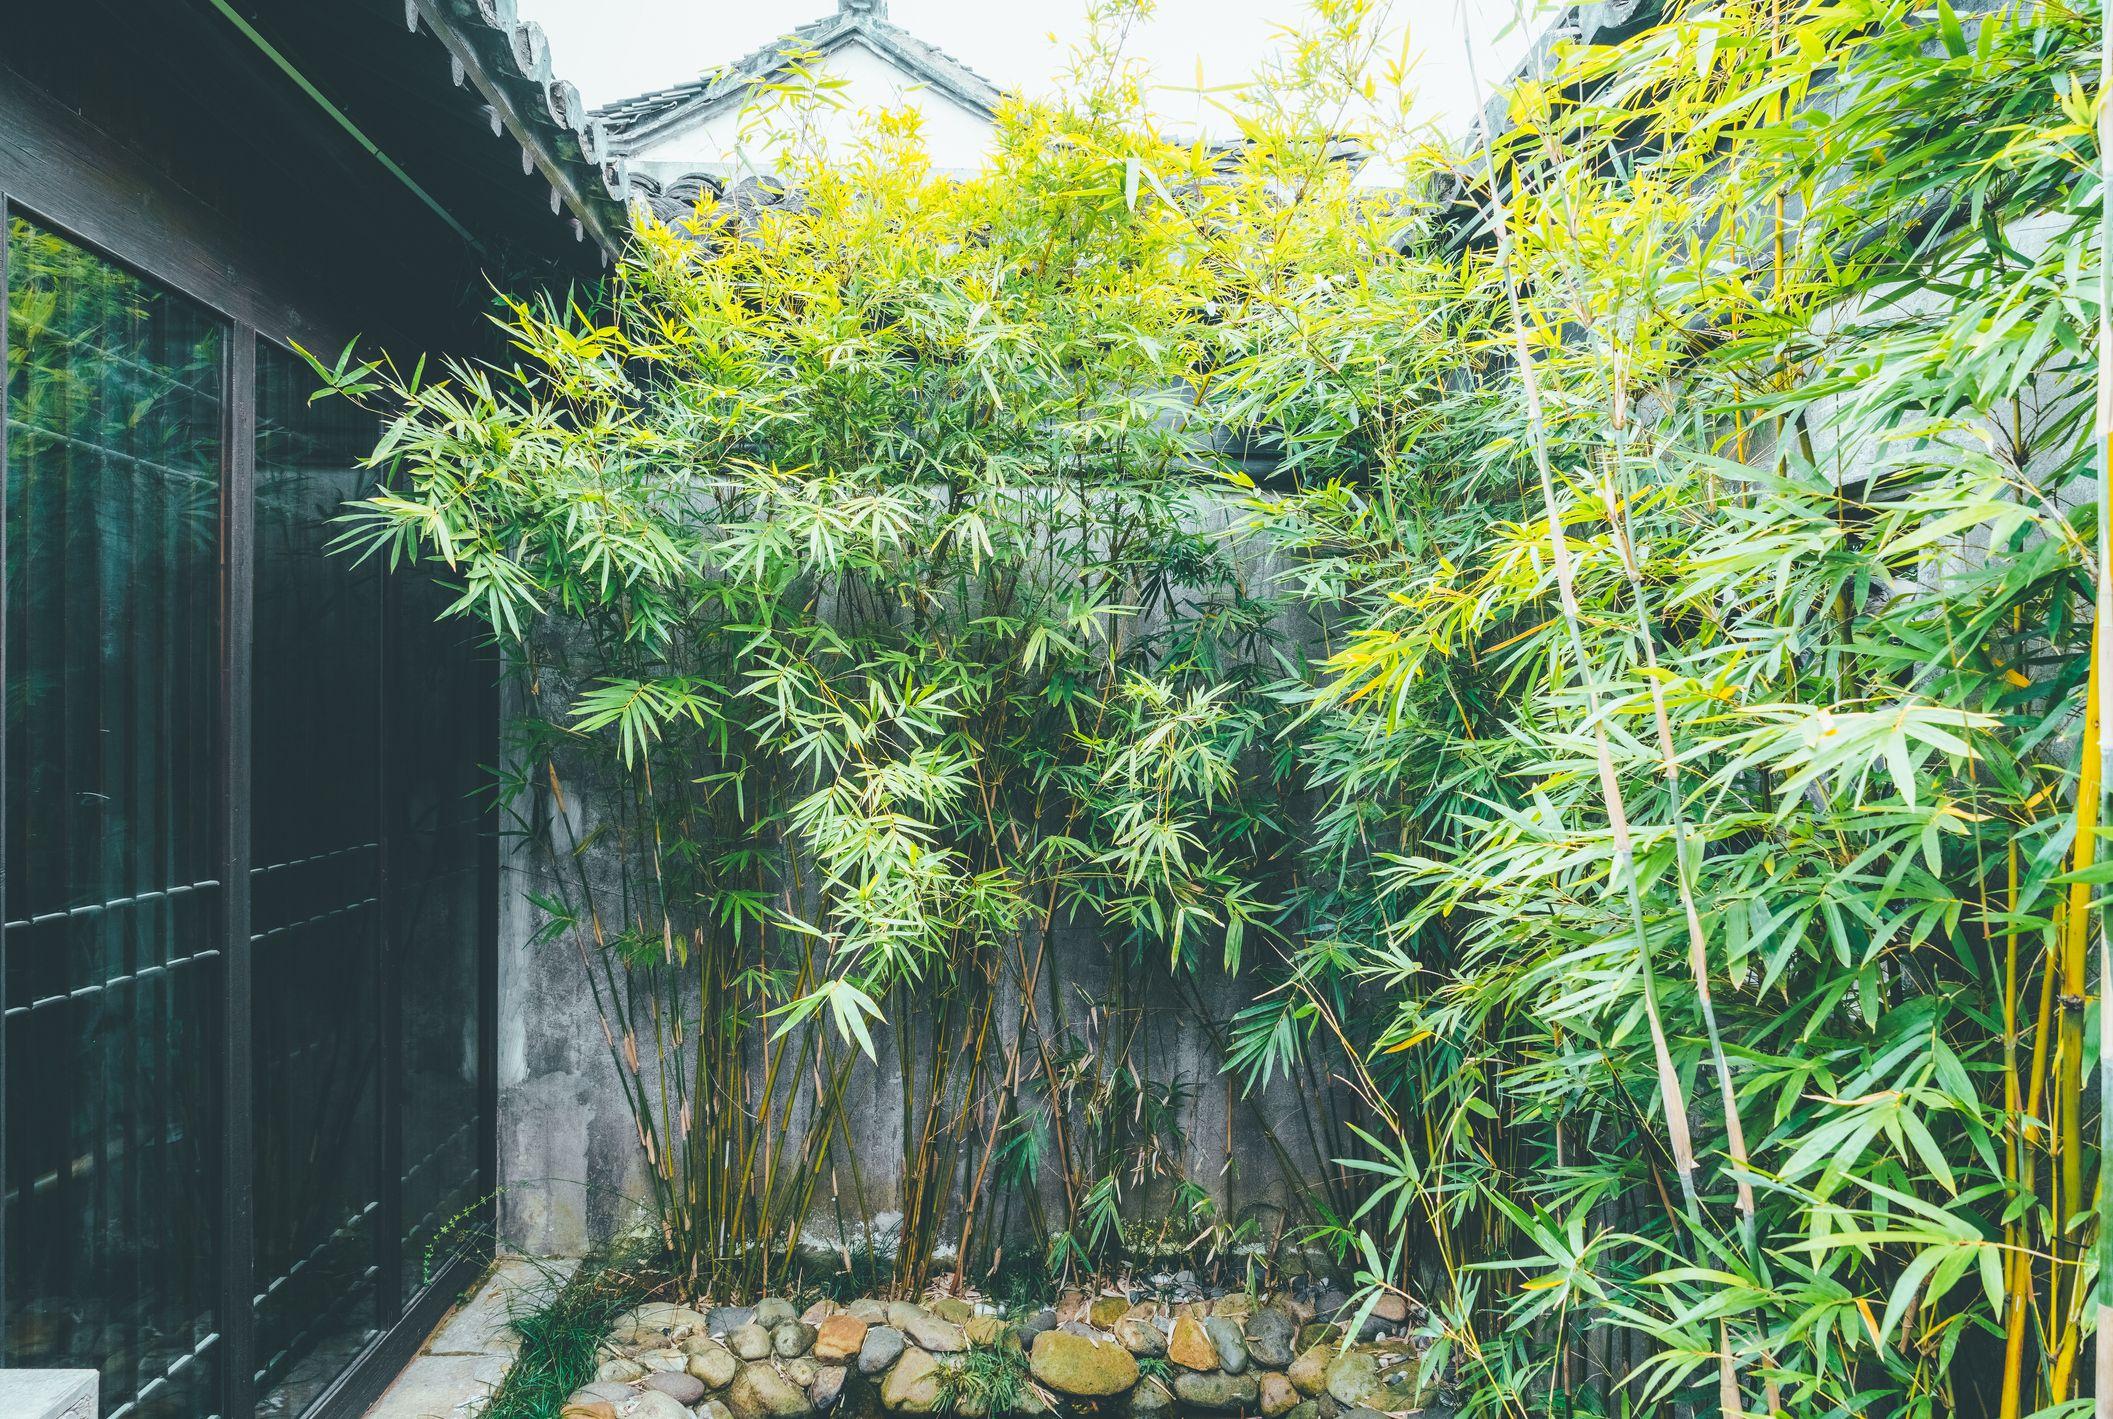 Beware Of Invasive Bamboo Taking Over Gardens Experts Warn